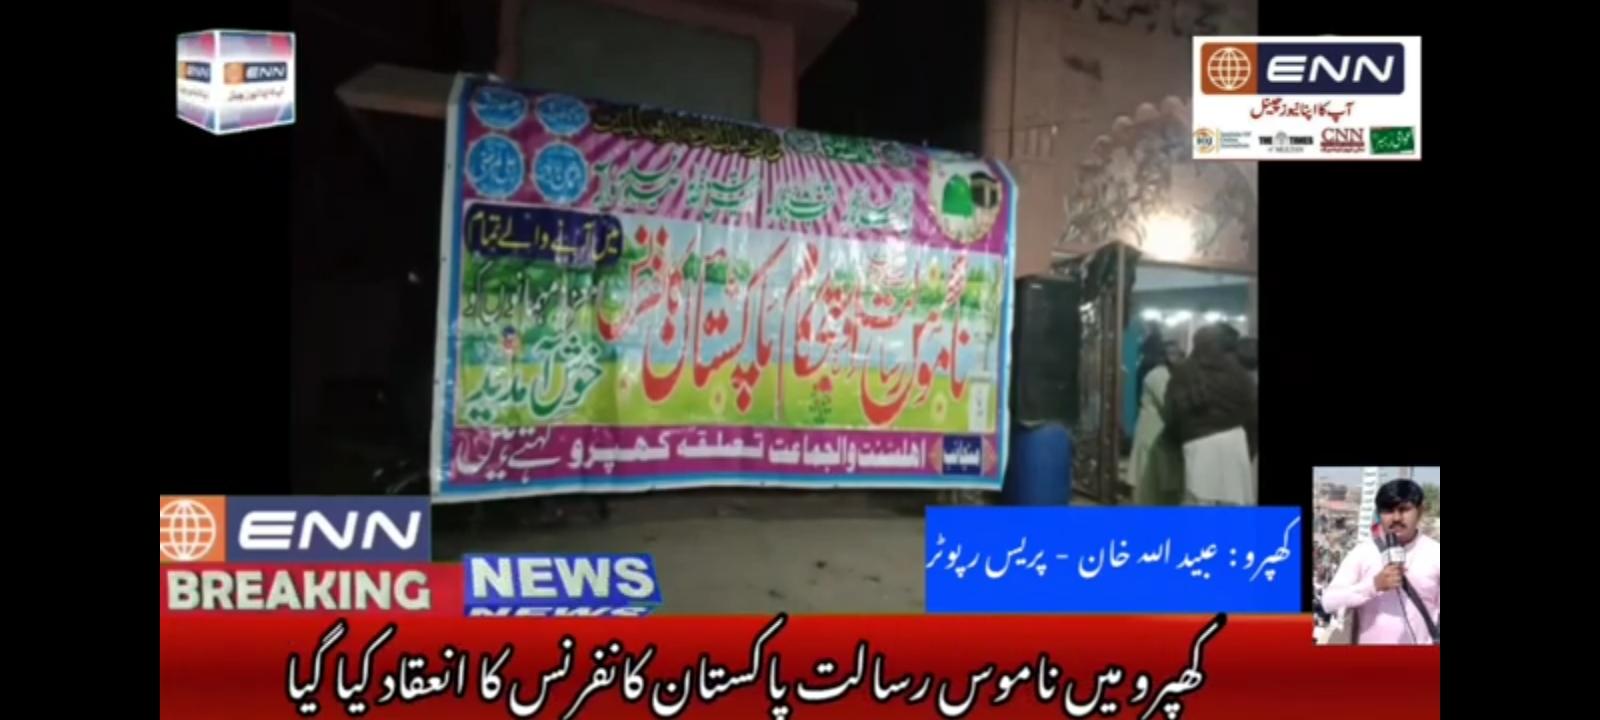 کھپرو : ناموس رسالت پاکستان کانفرنس کا انعقاد